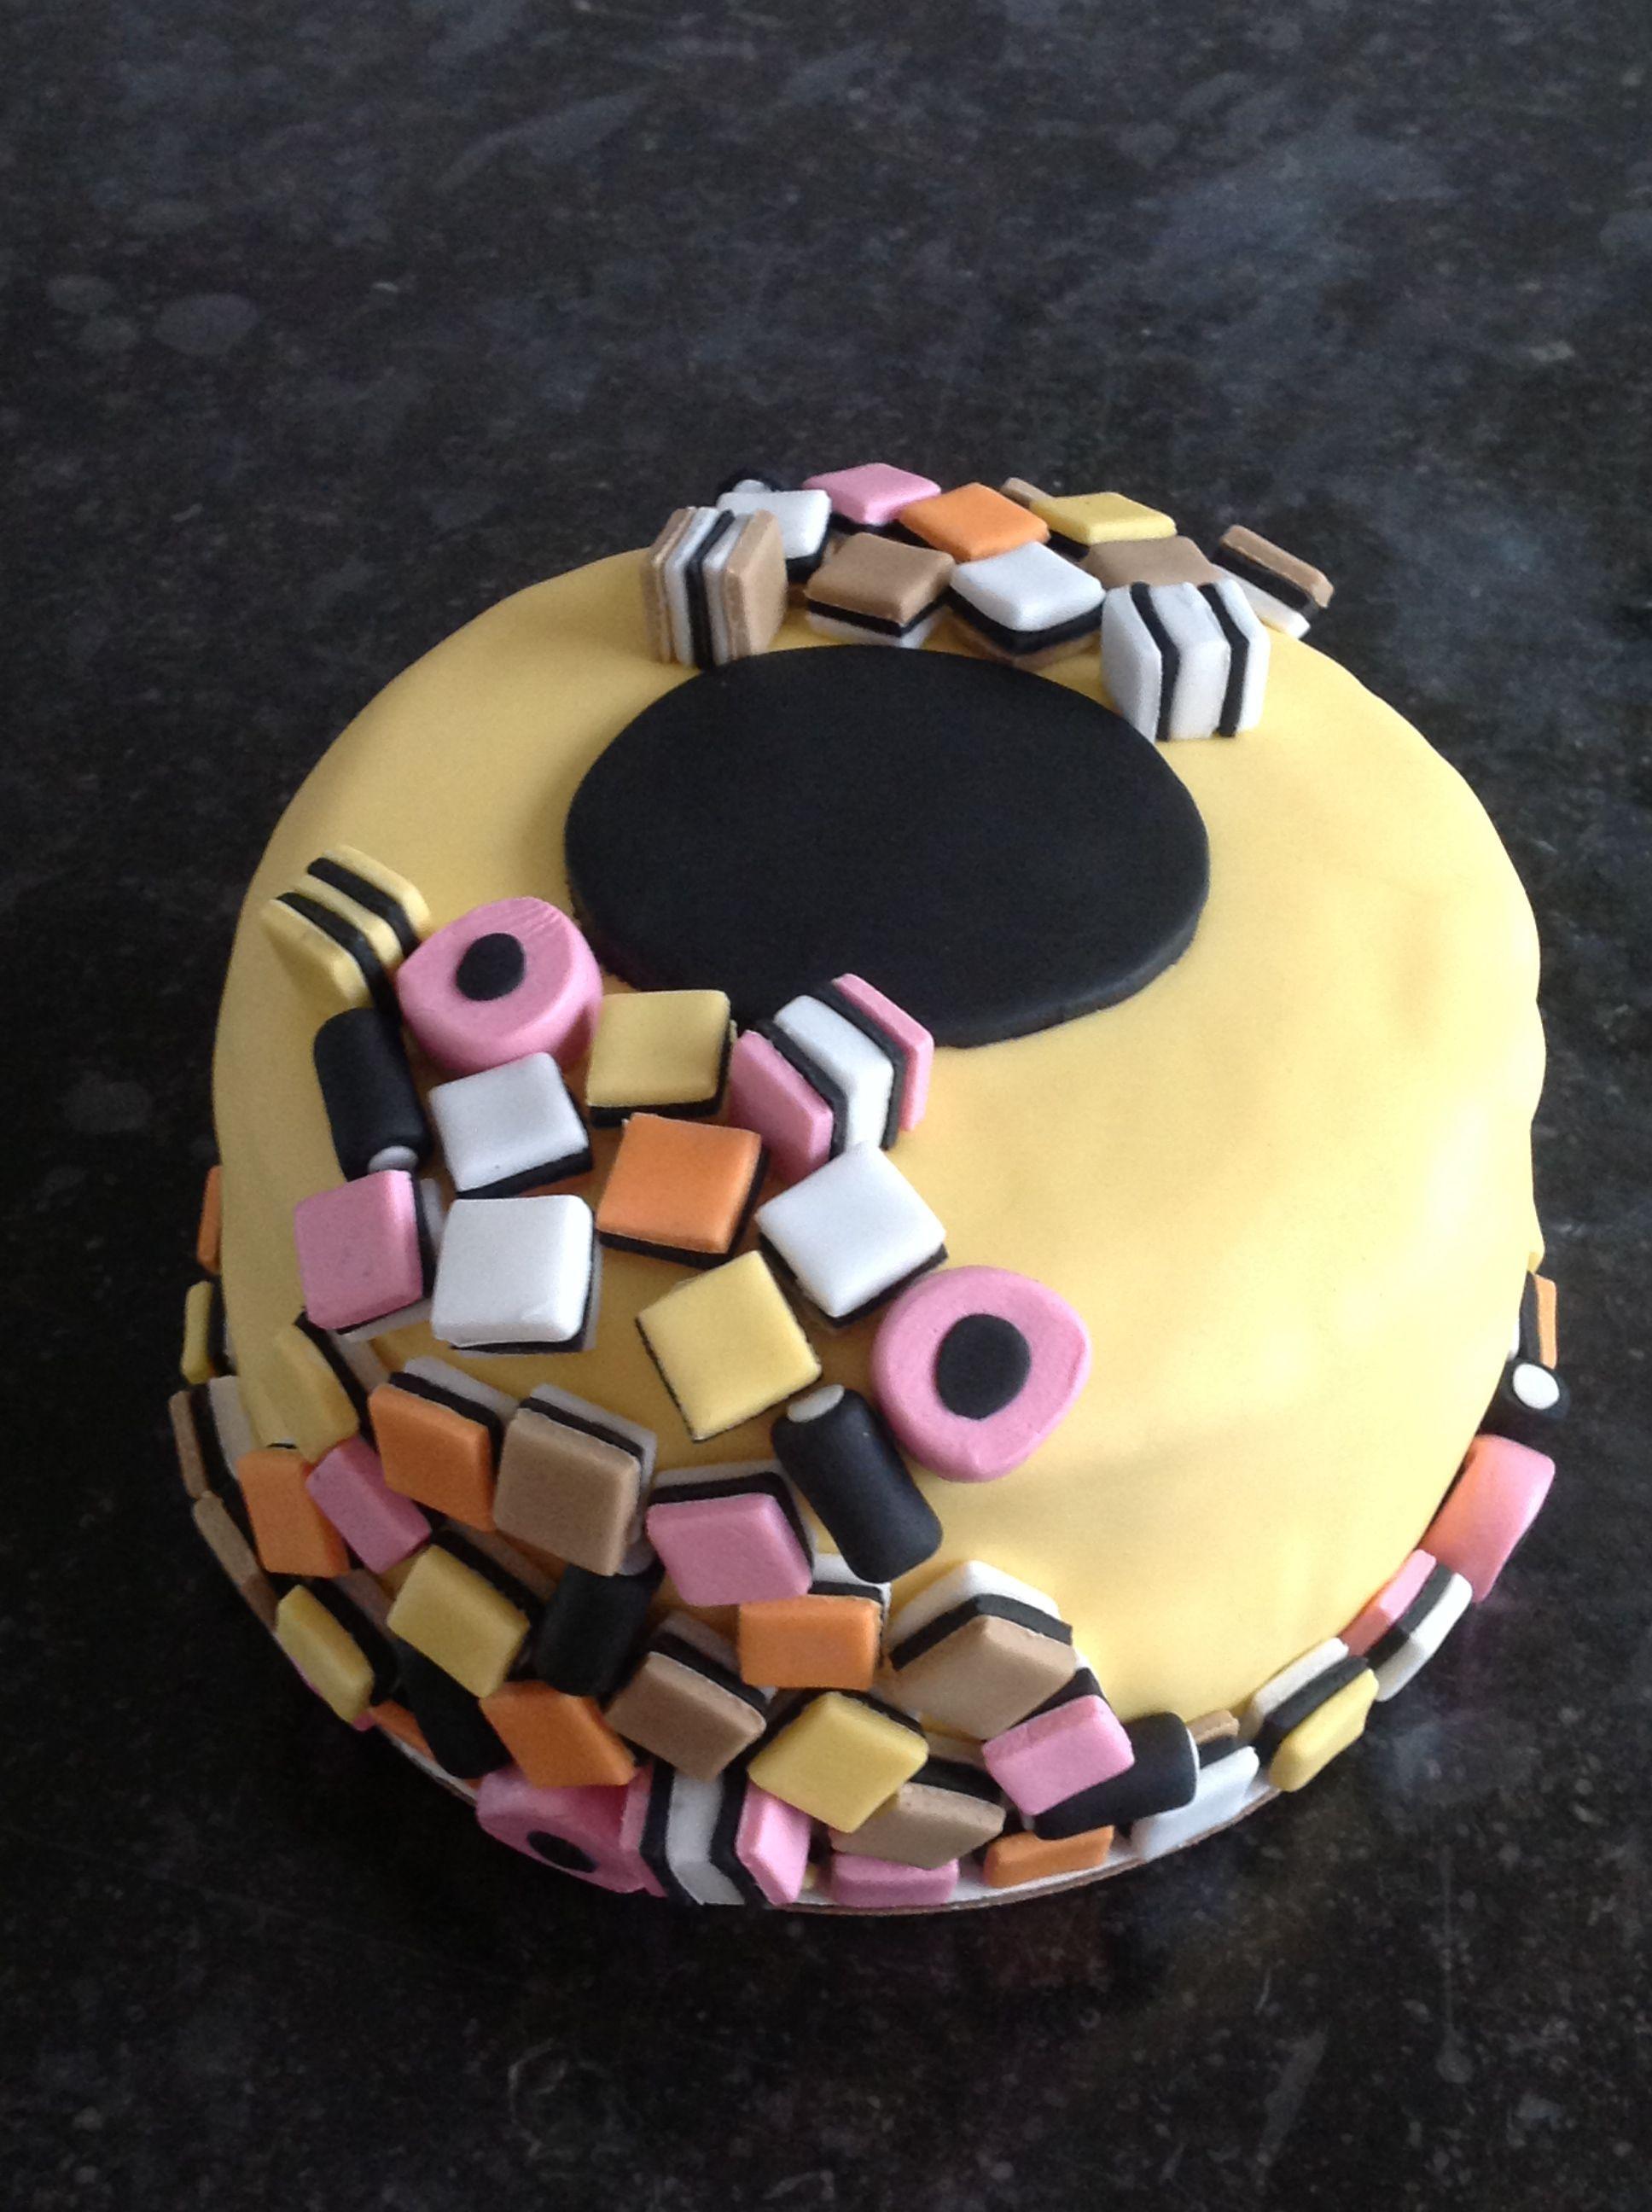 taart in engels Engelse drop taart, alles van fondant gemaakt | Cake Decorating  taart in engels